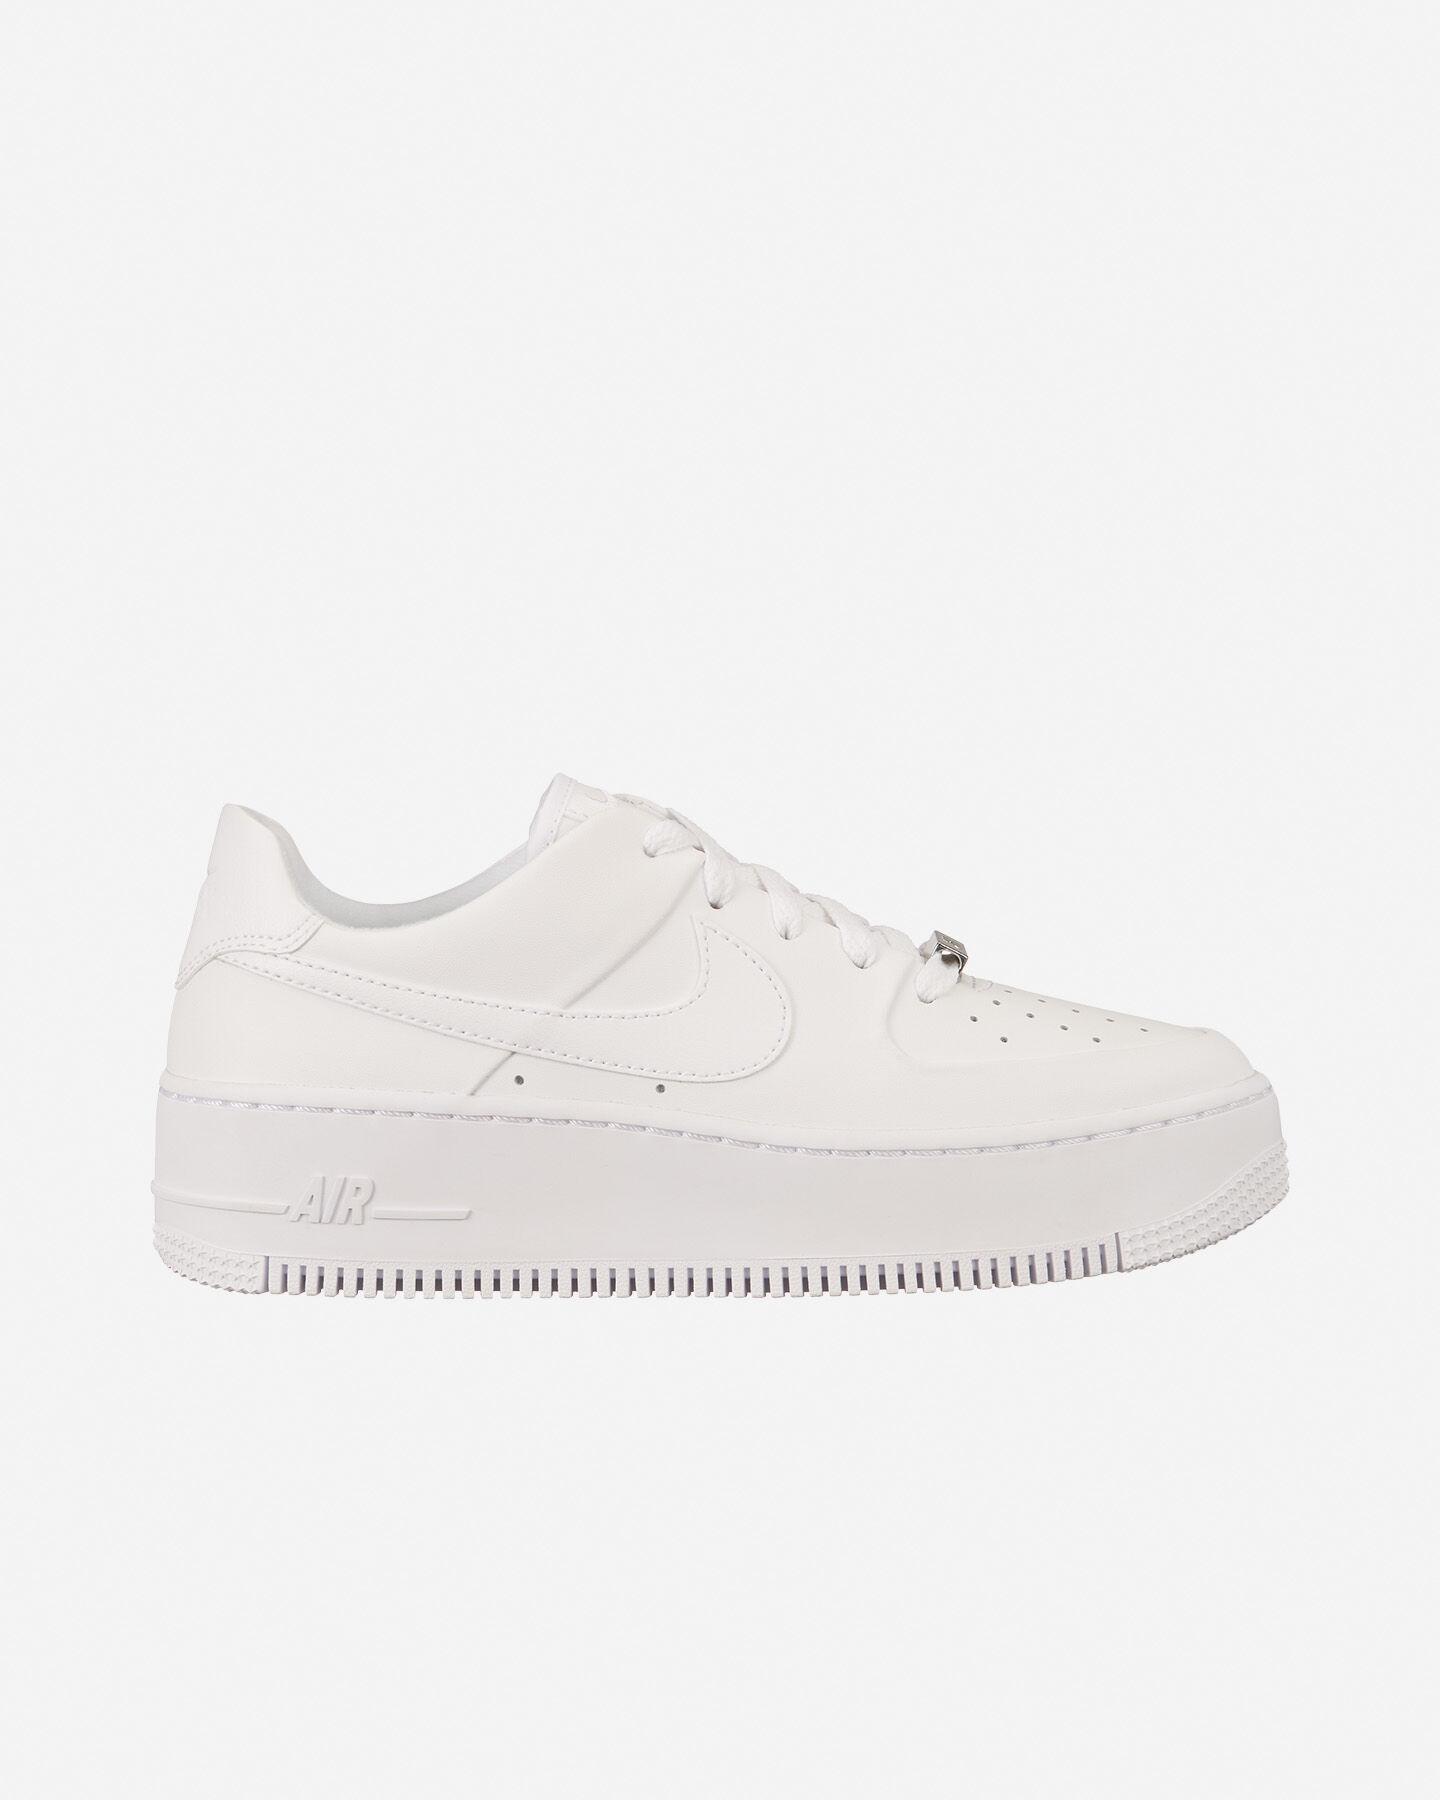 Sneakers Nike Air Force 1 Sage Low White AR5339 100   Freesneak